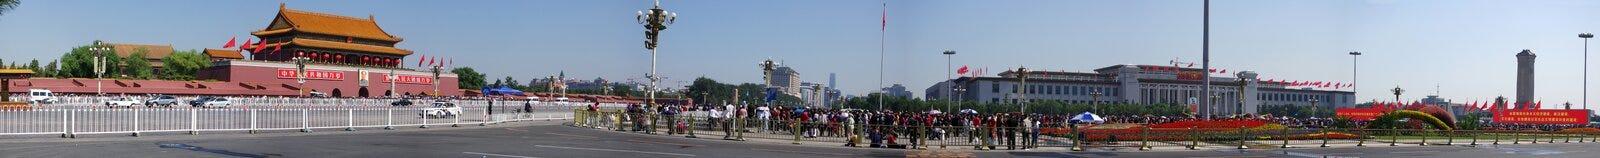 Vue panoramique de Pékin tiananmen Photos libres de droits